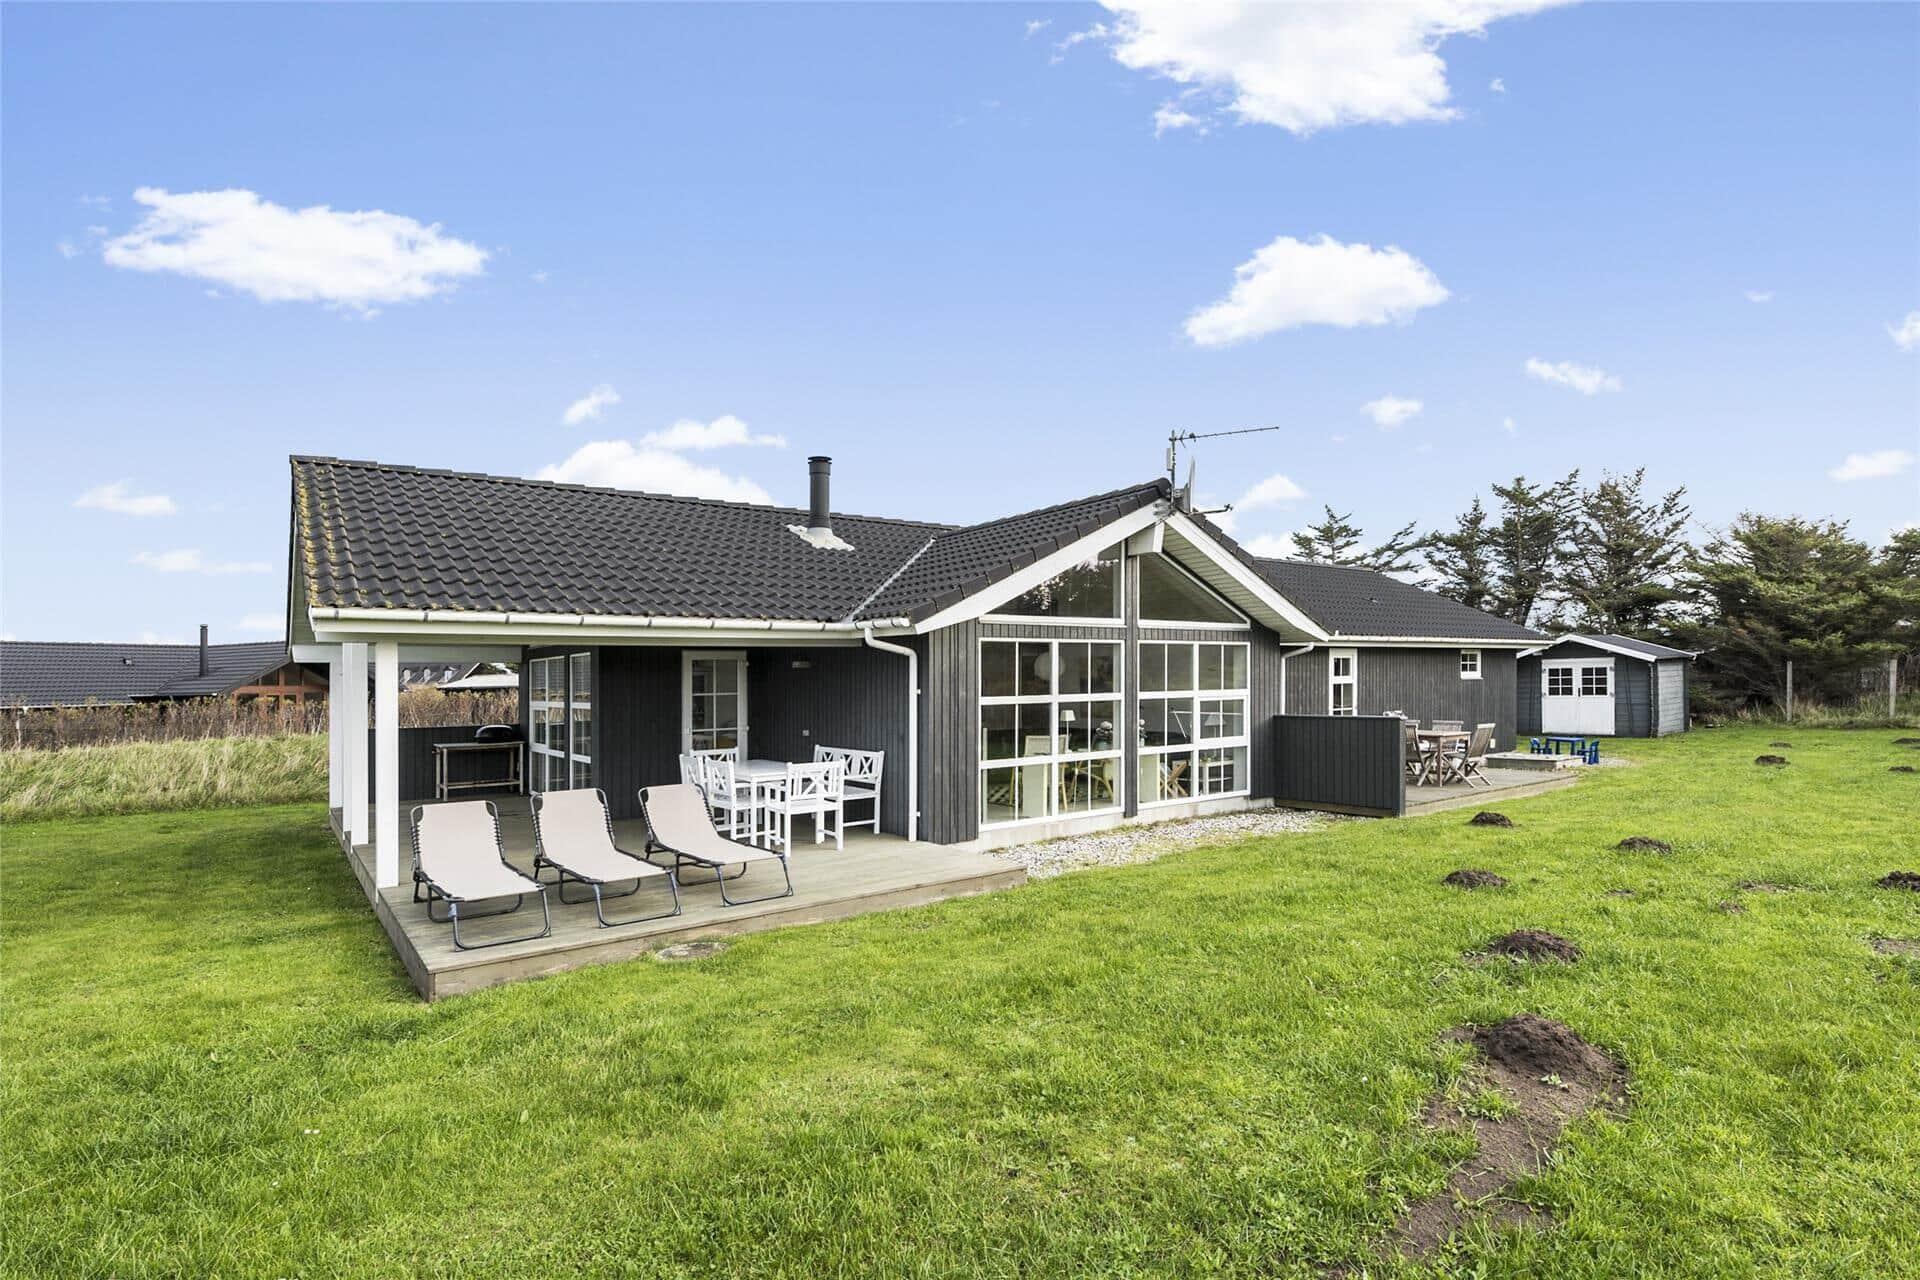 Bild 1-177 Ferienhaus LK255, Soltoften 30, DK - 9480 Løkken